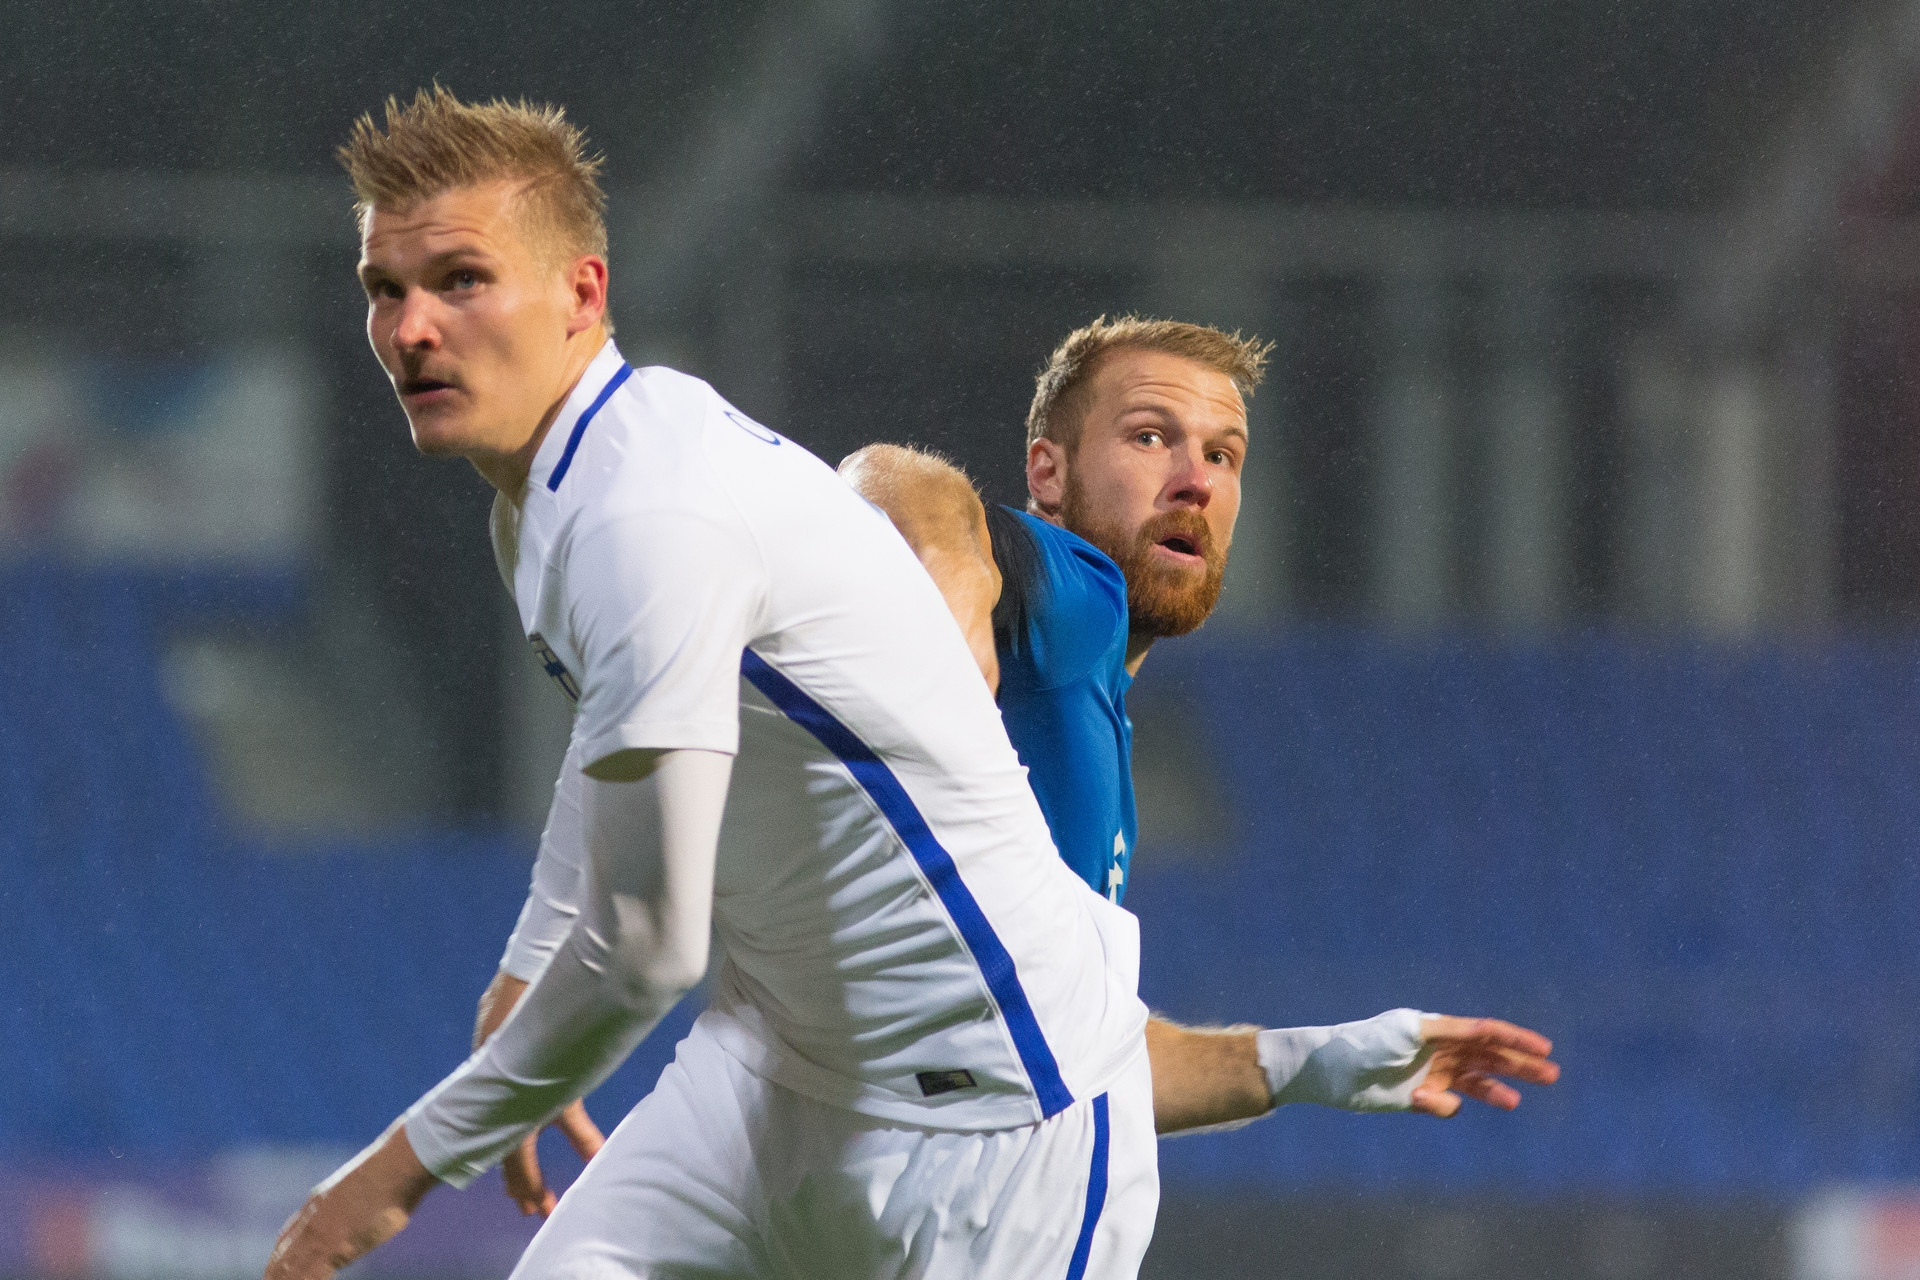 d8d07ad7cc4 Eesti saab teada vastased UEFA rahvuste liigas - Uudised